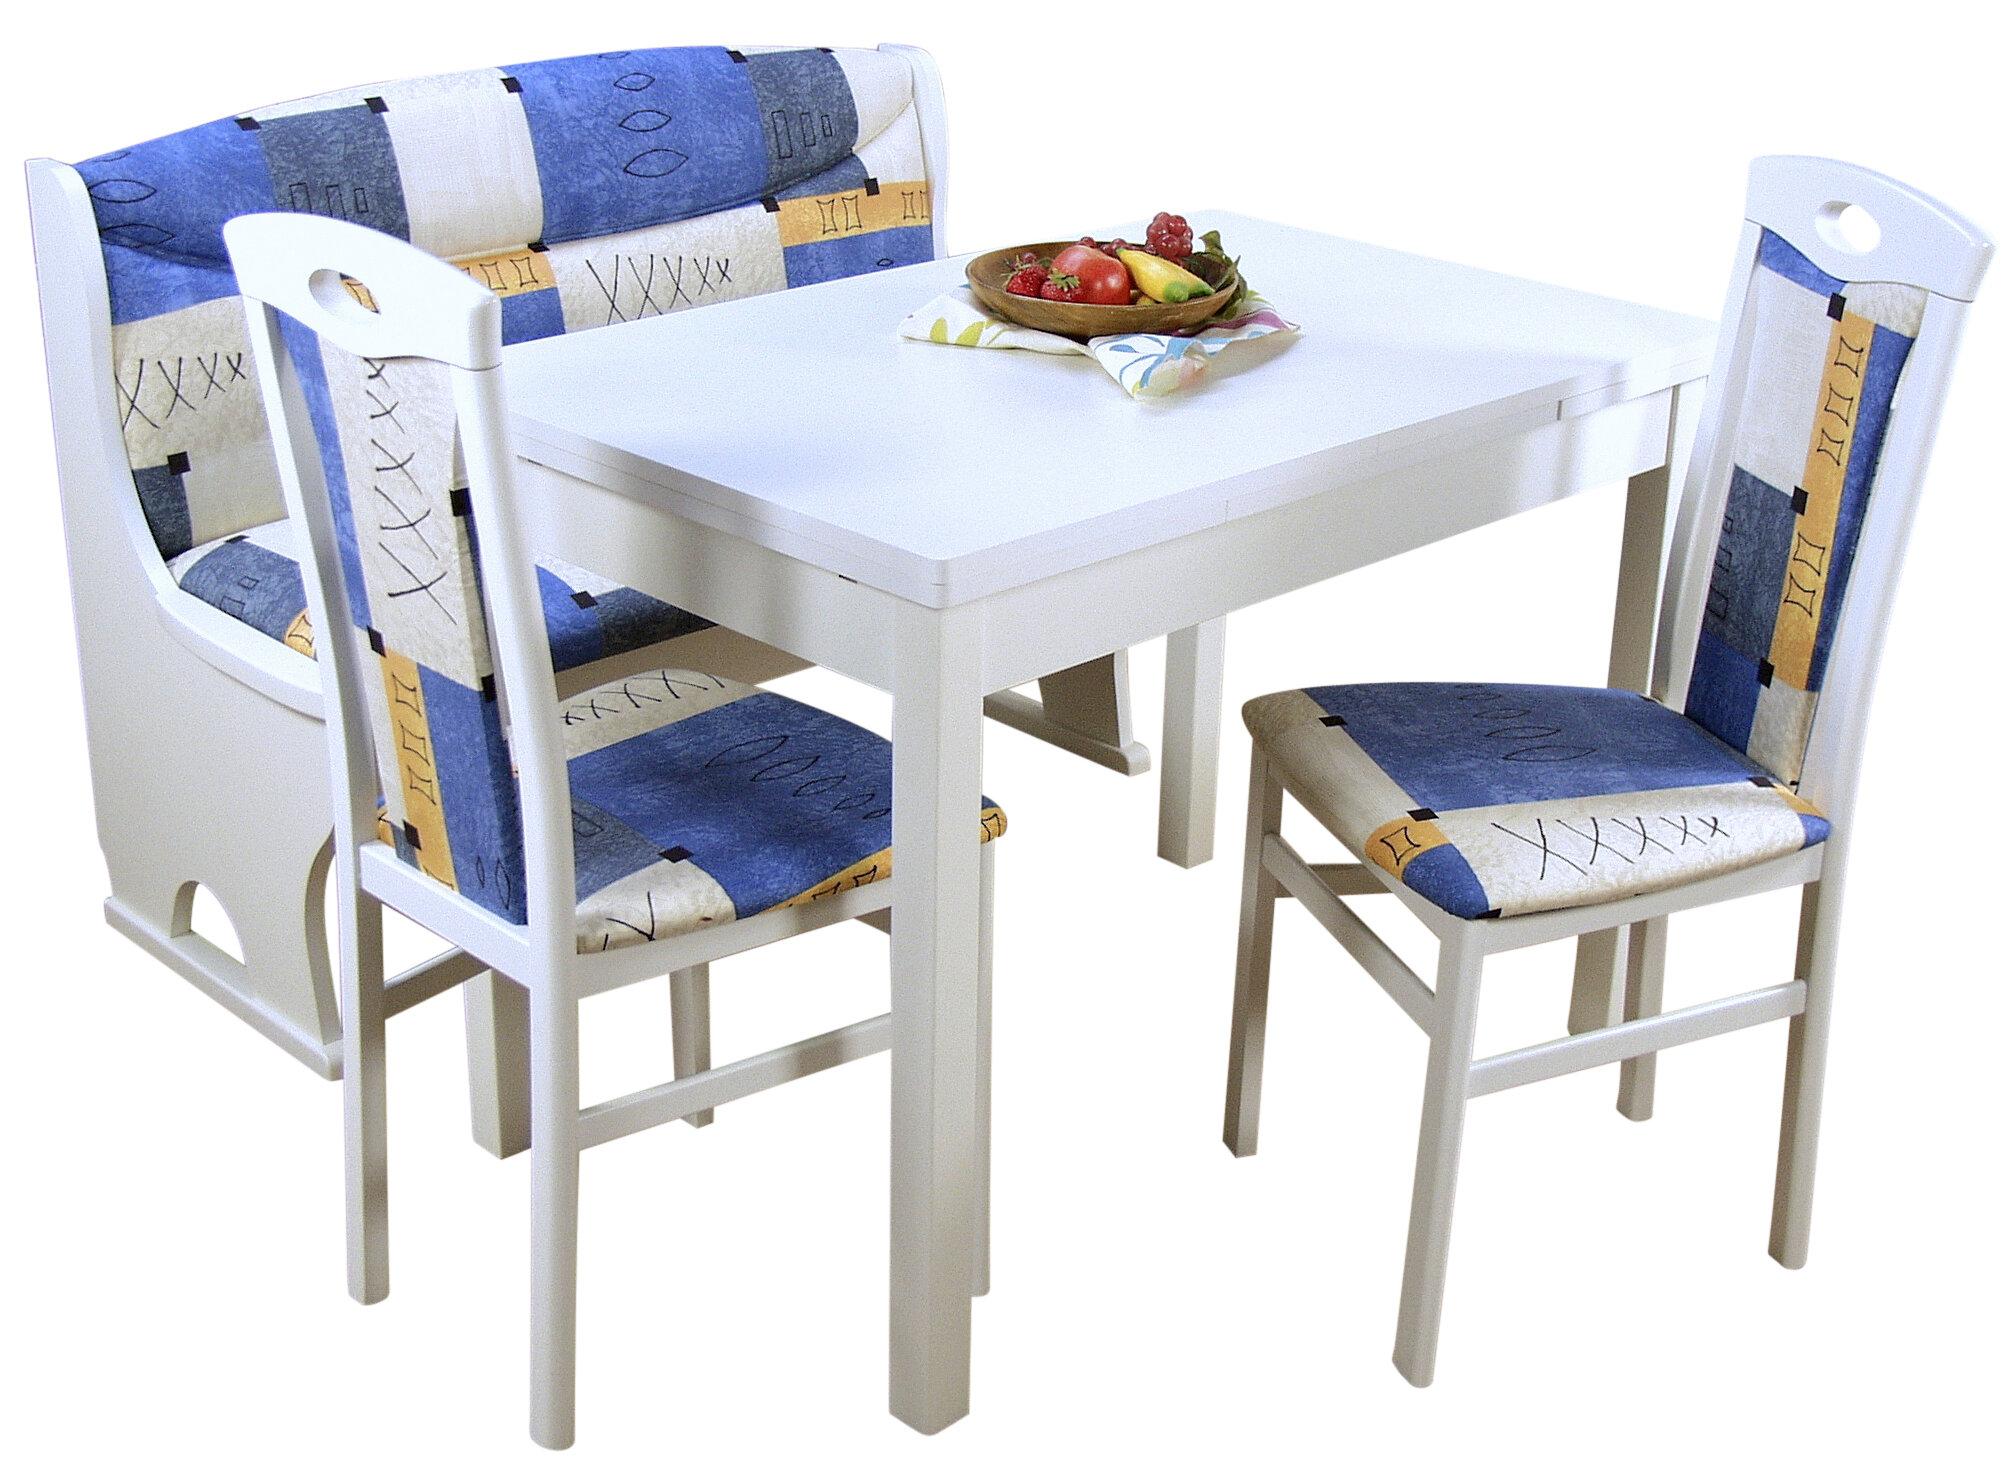 Ophelia Co Essgruppe Mit Ausziehbarem Tisch 2 Stuhlen Und Einer Bank Genevieve Wayfair De